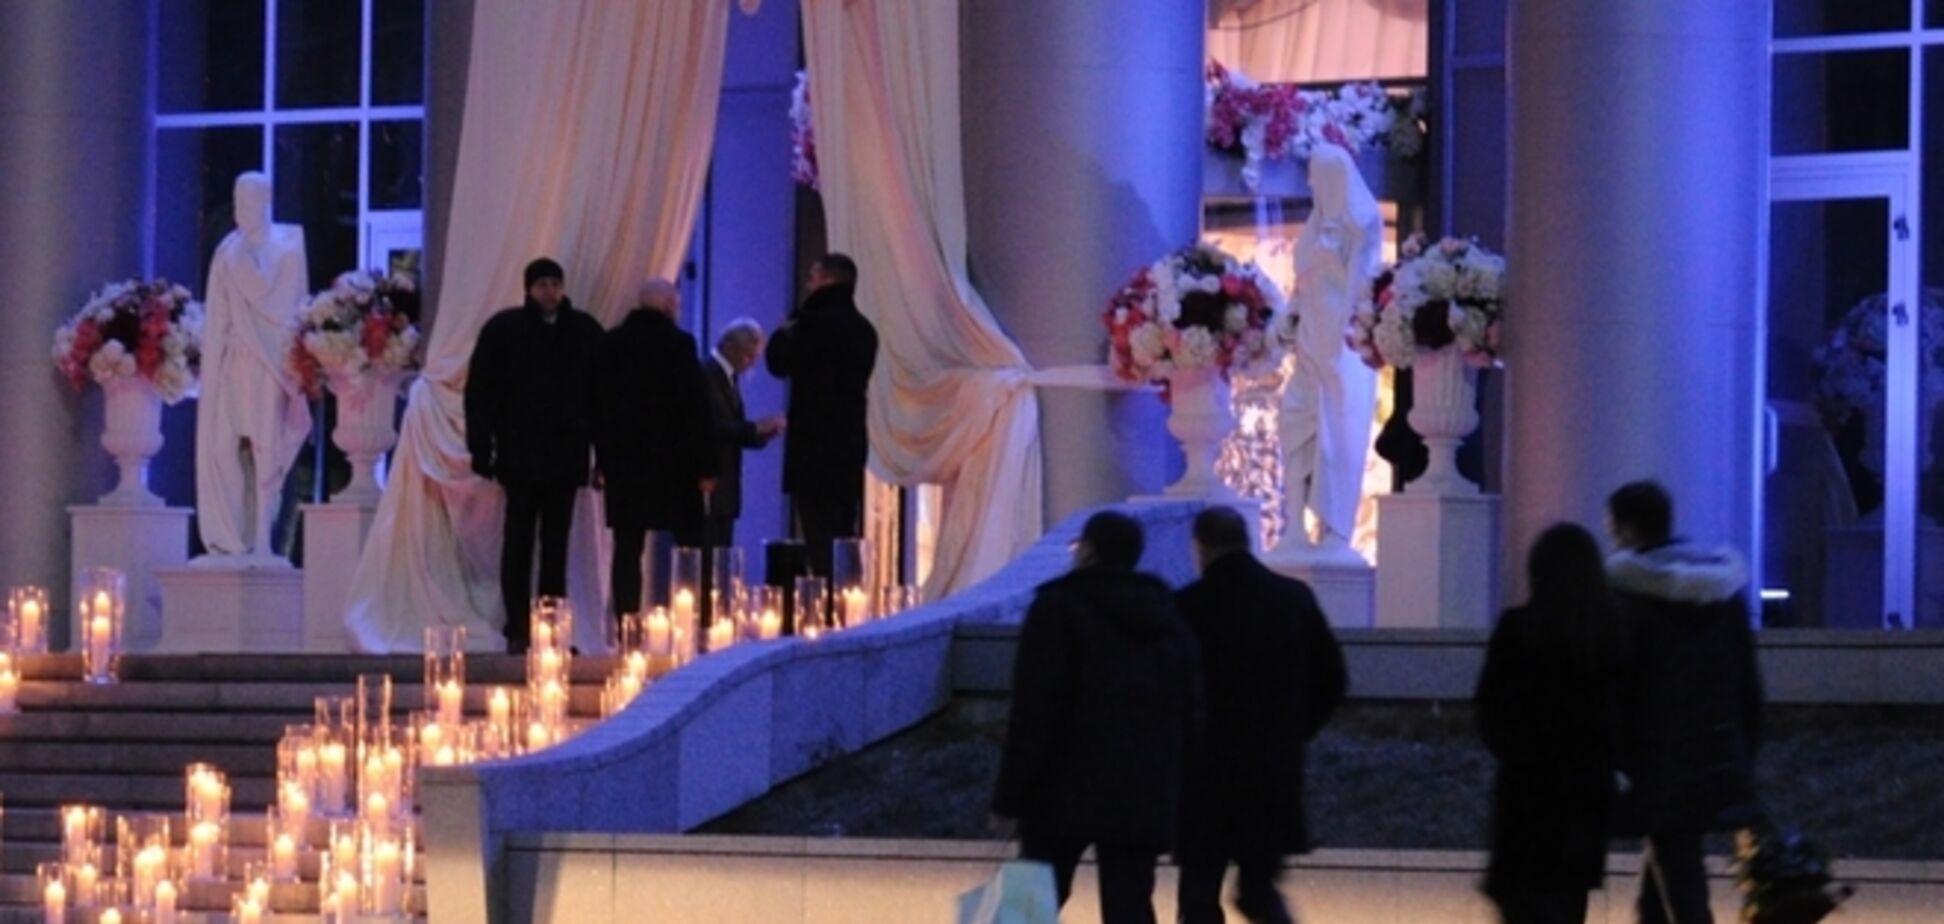 Свадьба дочери Тимошенко: паспортный контроль, фейковый кортеж и 'гроб' с подарками